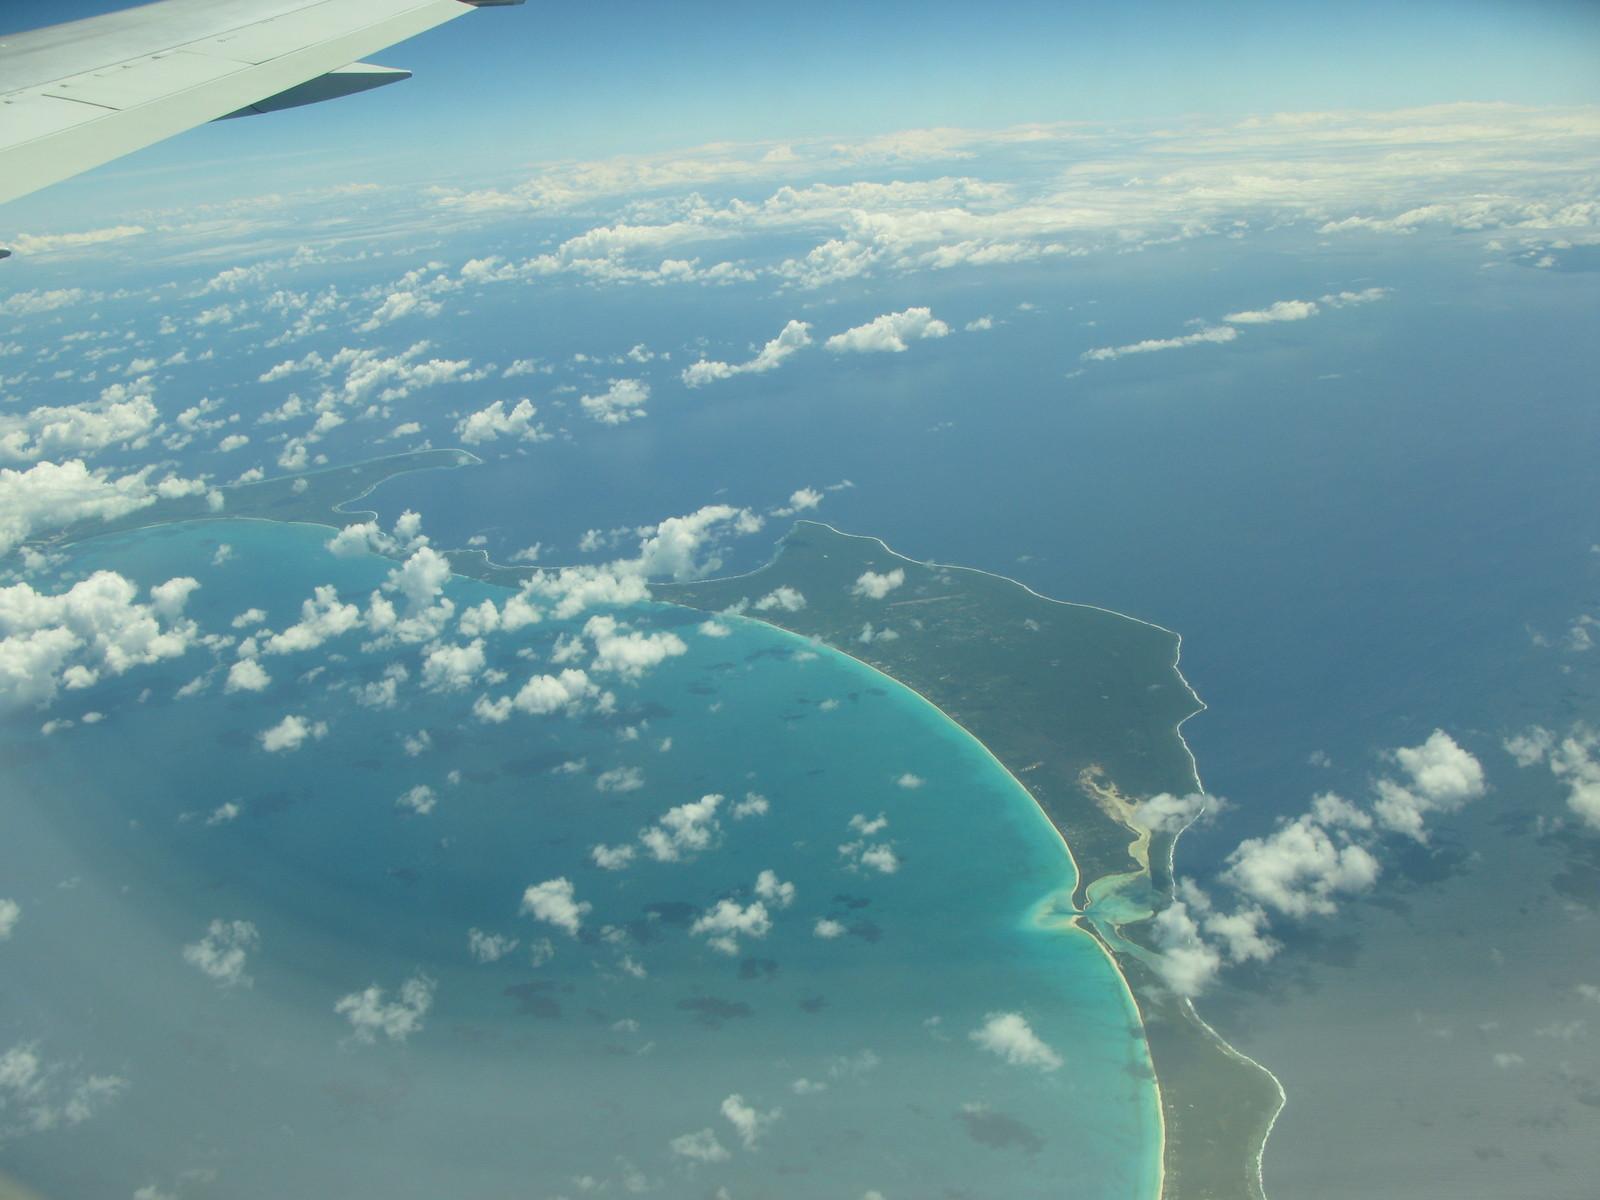 ビキニ環礁空港 - Bikini Atoll ...